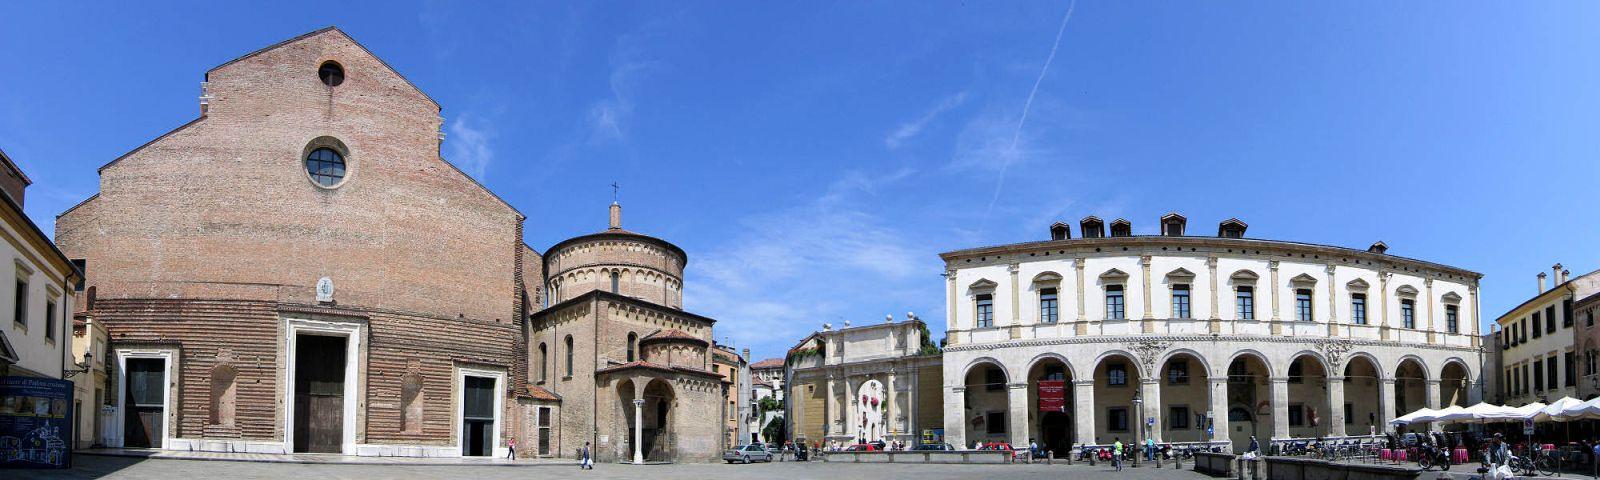 Duomo e Battistero di Padova